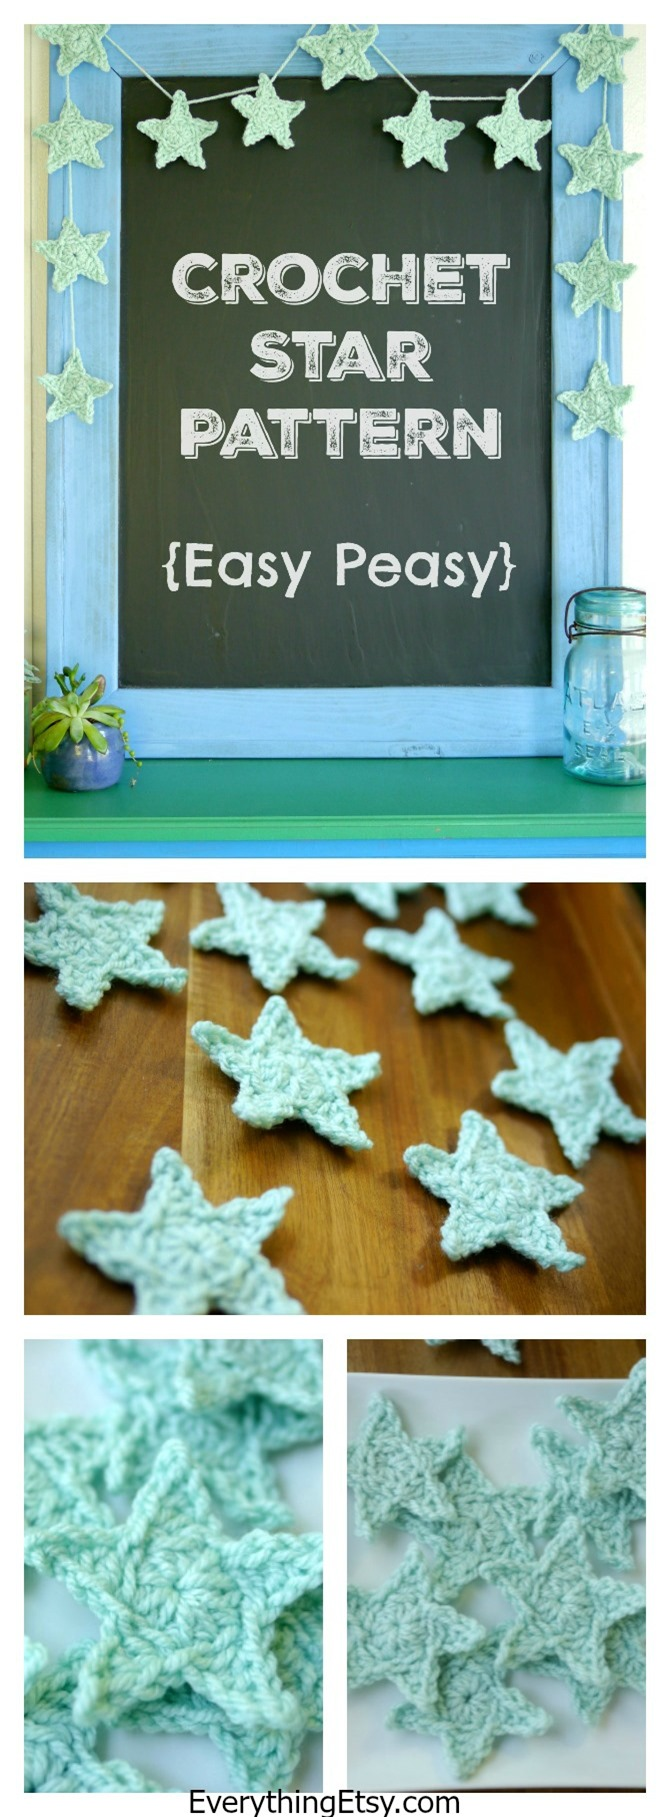 Crochet Star Pattern {Free} on EverythingEtsy.com